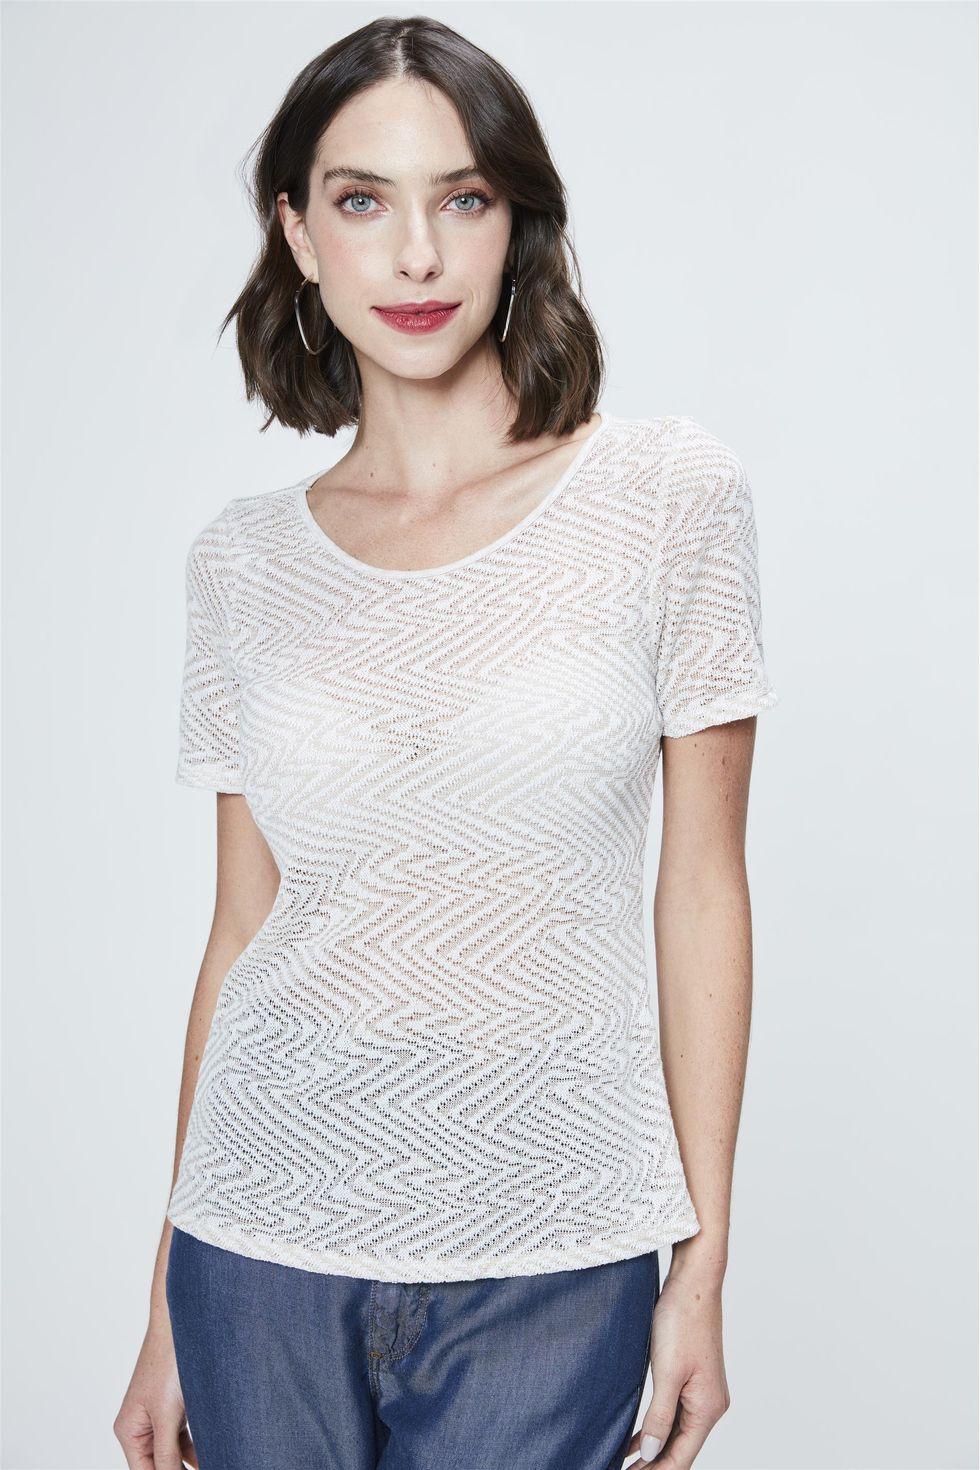 Camiseta-de-Trico-Leve-Feminina-Frente--